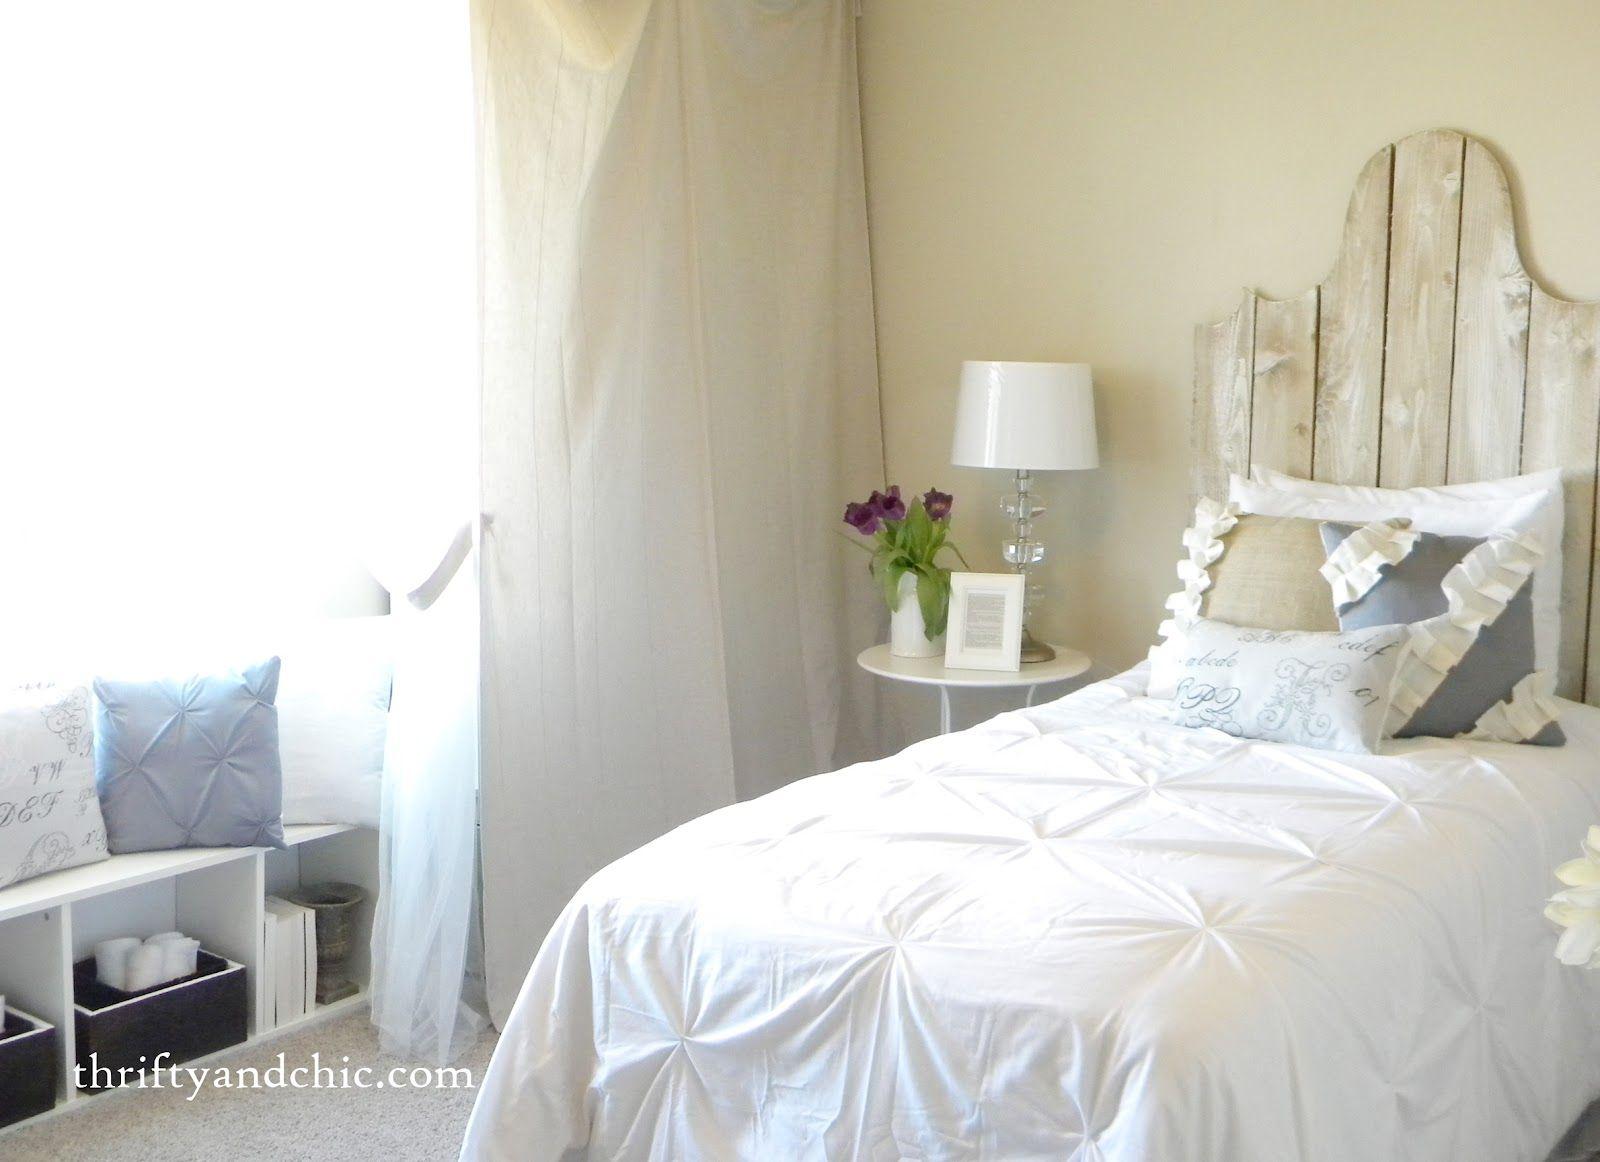 Testiera letto fai da te shabby cerca con google letti pinterest room - Testiera letto fai da te cuscini ...